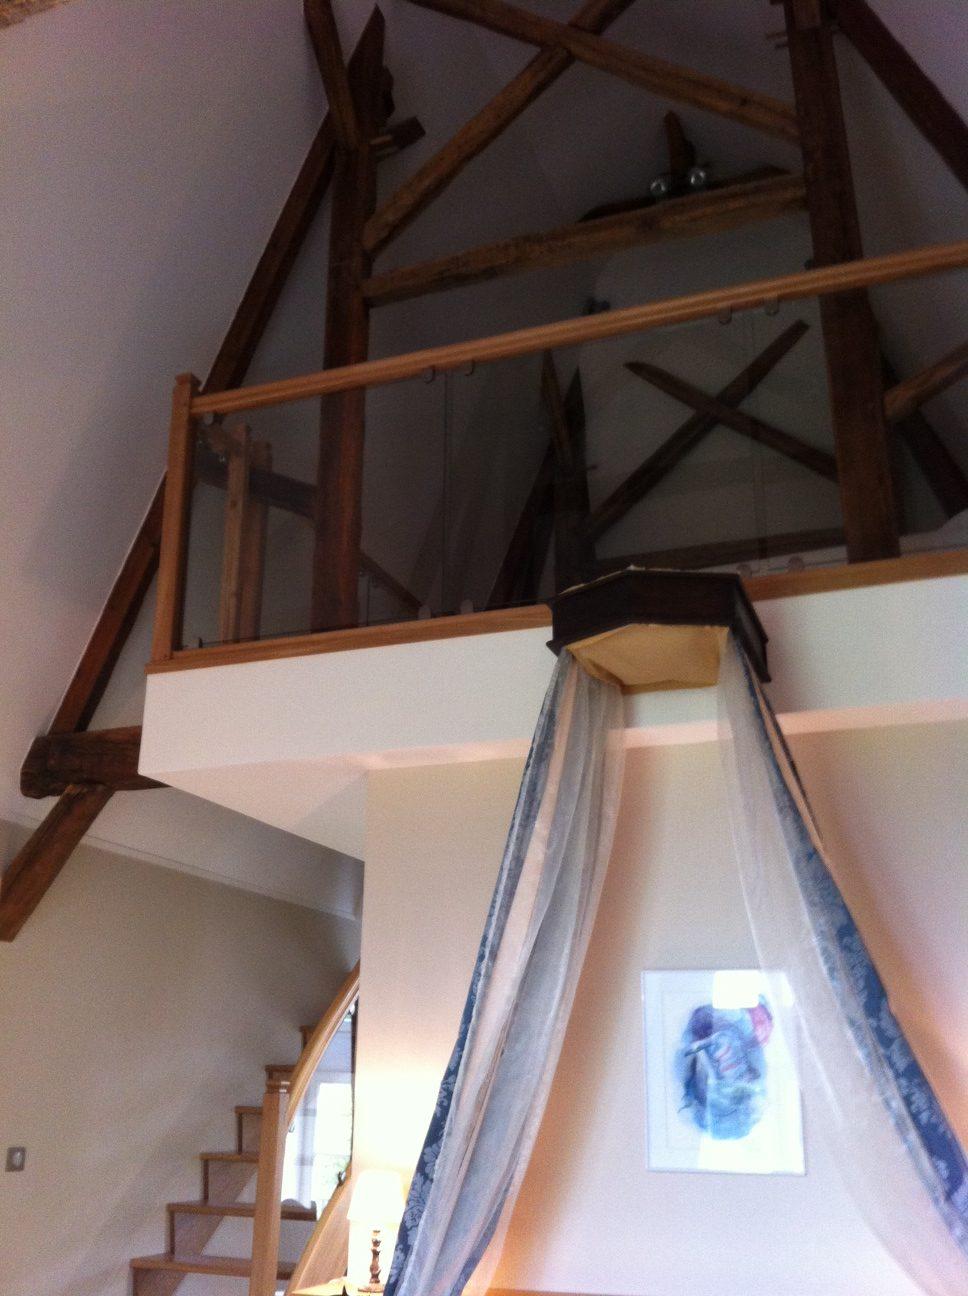 rénovation château 18ème siècle, fenêtres, parquets, isolation, huisseries, mezzanine, escalier sur mesure